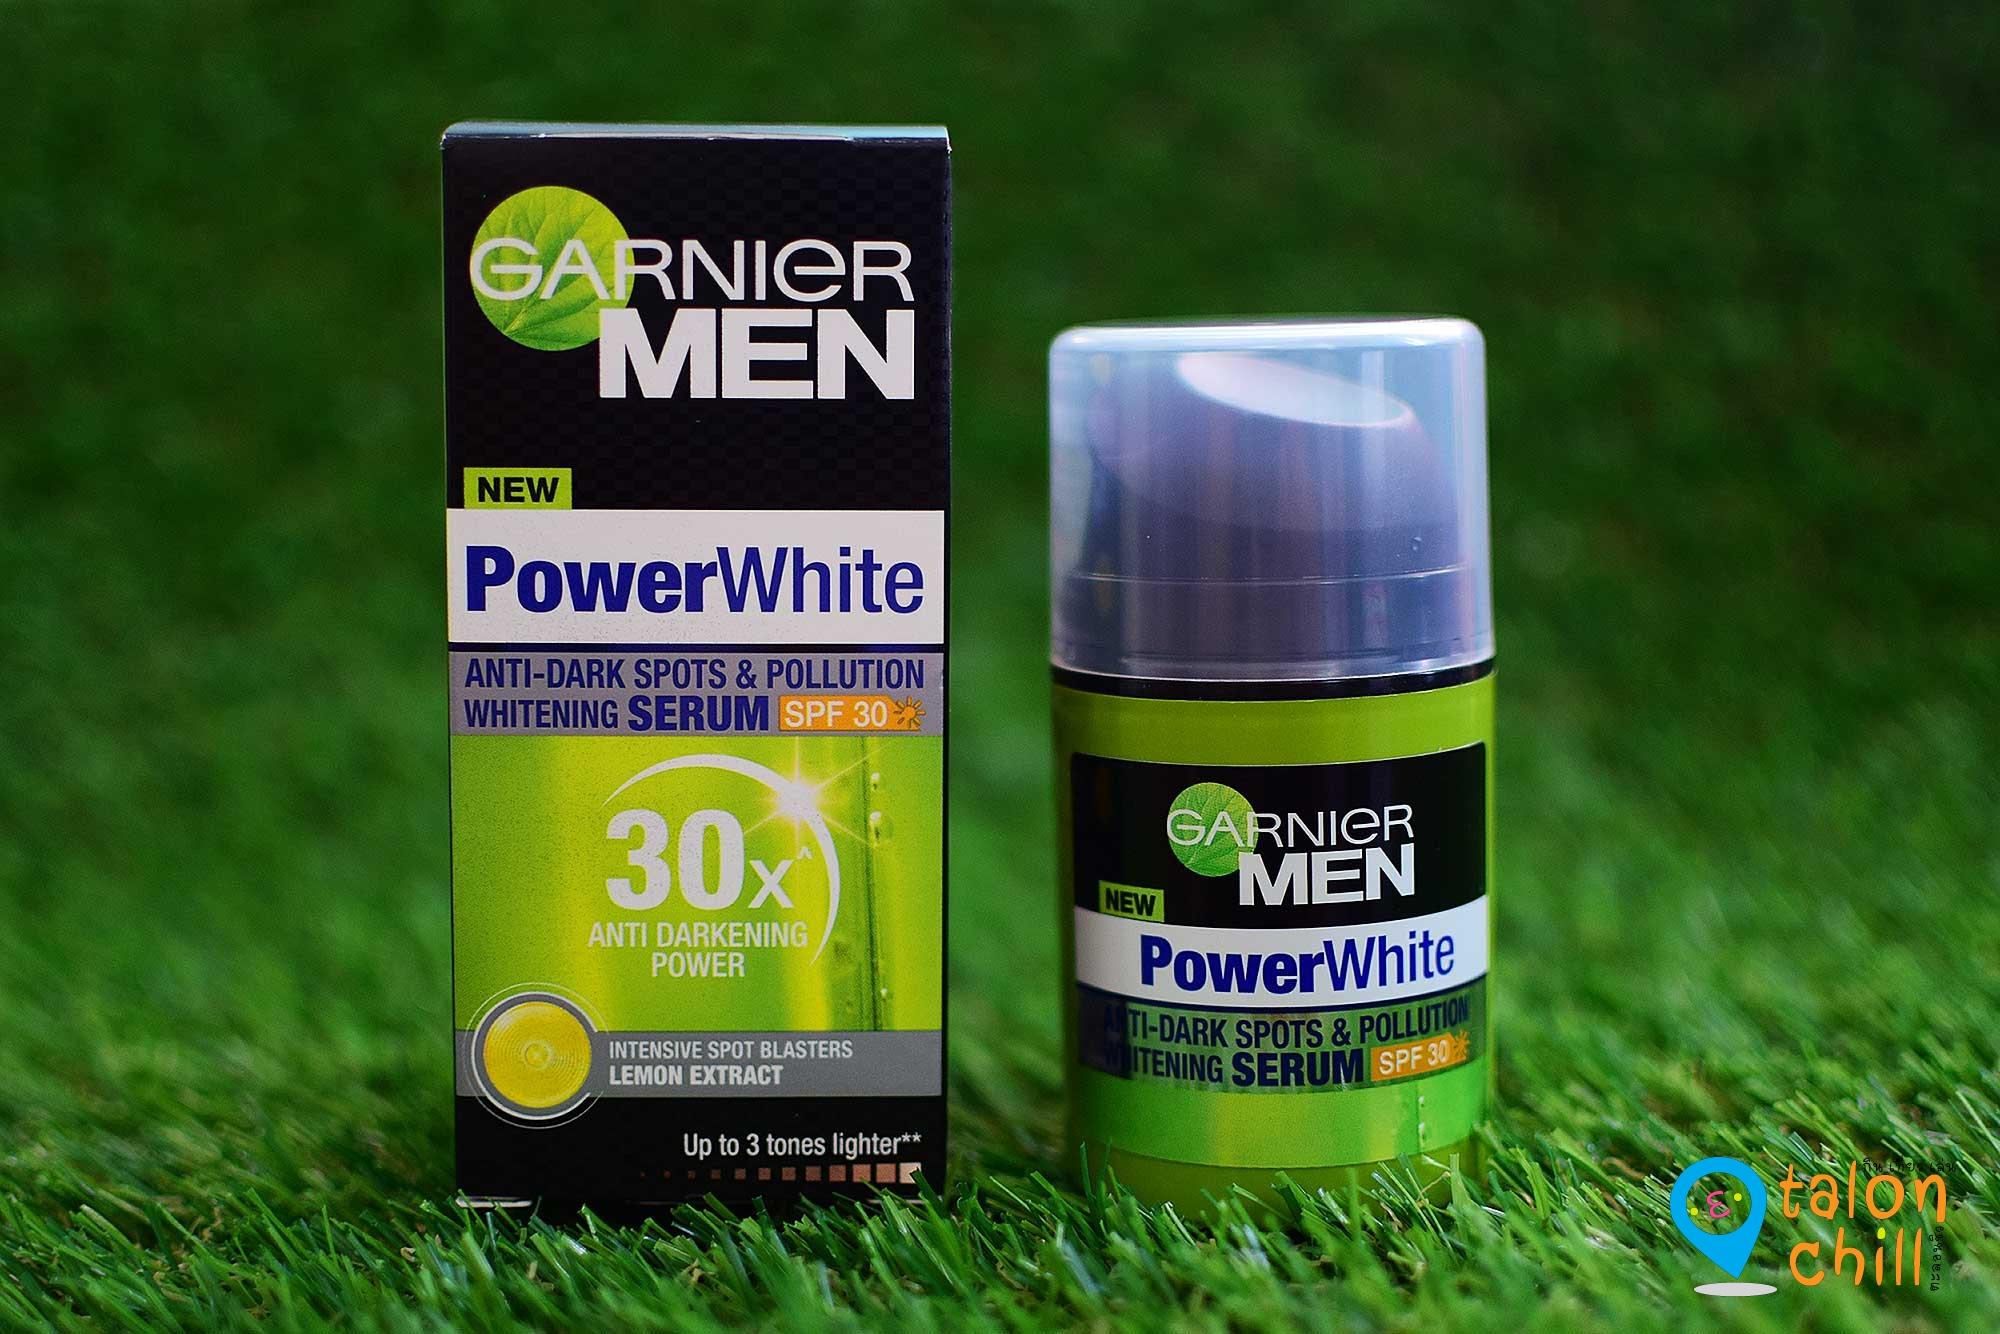 [แกะกล่อง] Garnier MEN Power White เซรั่มบำรุงผิวหน้า ผสมสารป้องกันแสงแดด